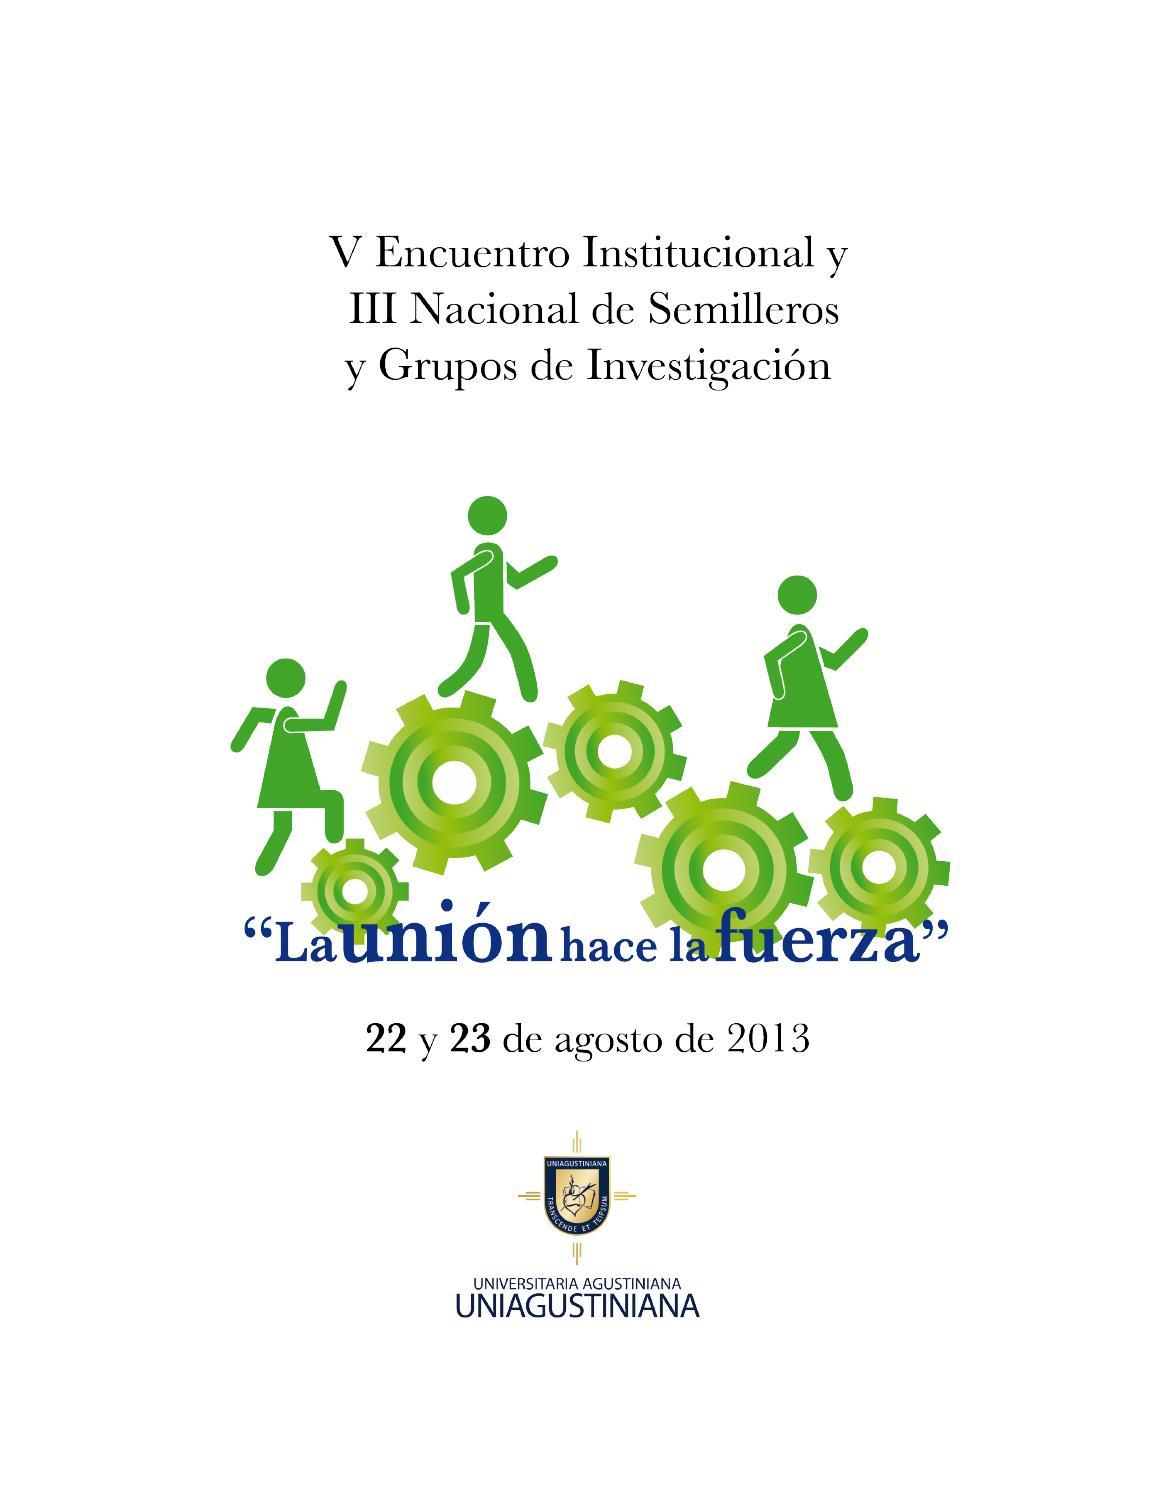 v encuentro institucional y iii nacional de semilleros y grupos de investigacin by universitaria agustiniana uniagustiniana issuu